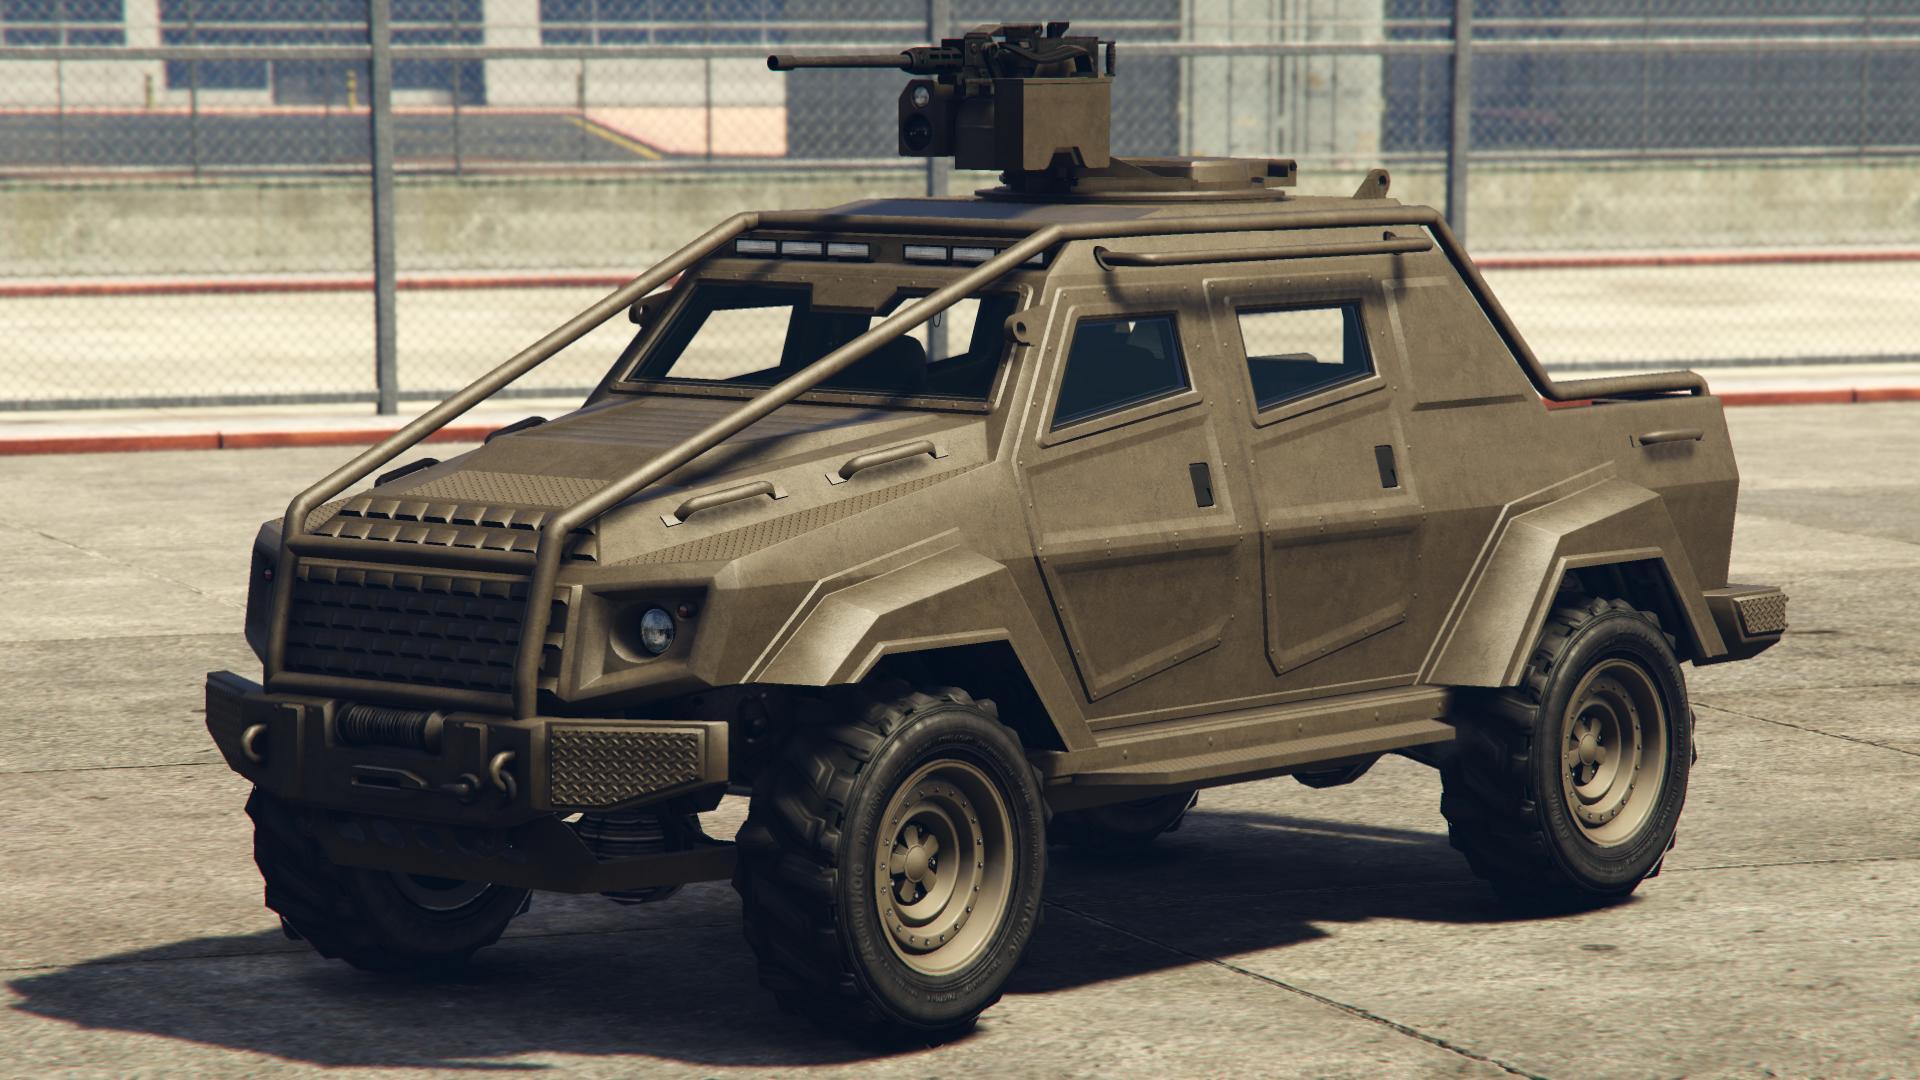 【知己知彼百战不殆】《GTA》系列武装力量简介:梅利威瑟私人安保插图16